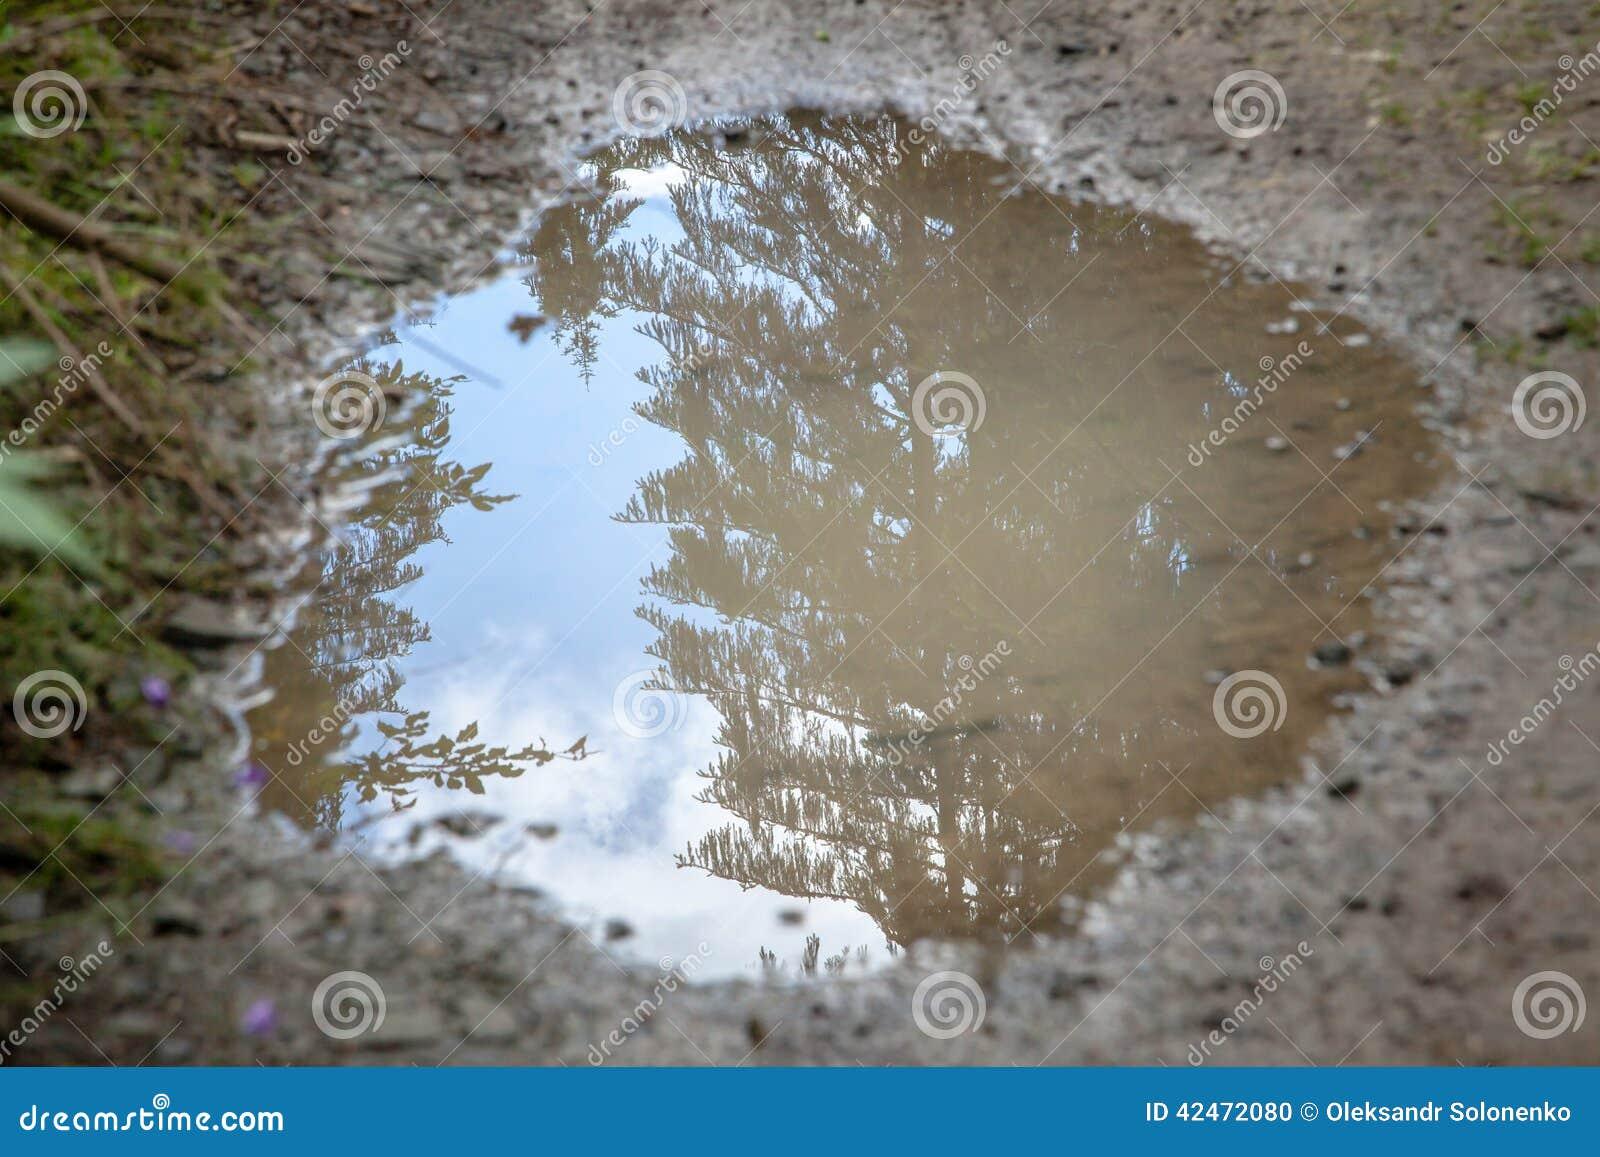 Schlammpfütze reflektierender Himmel und Evergreens